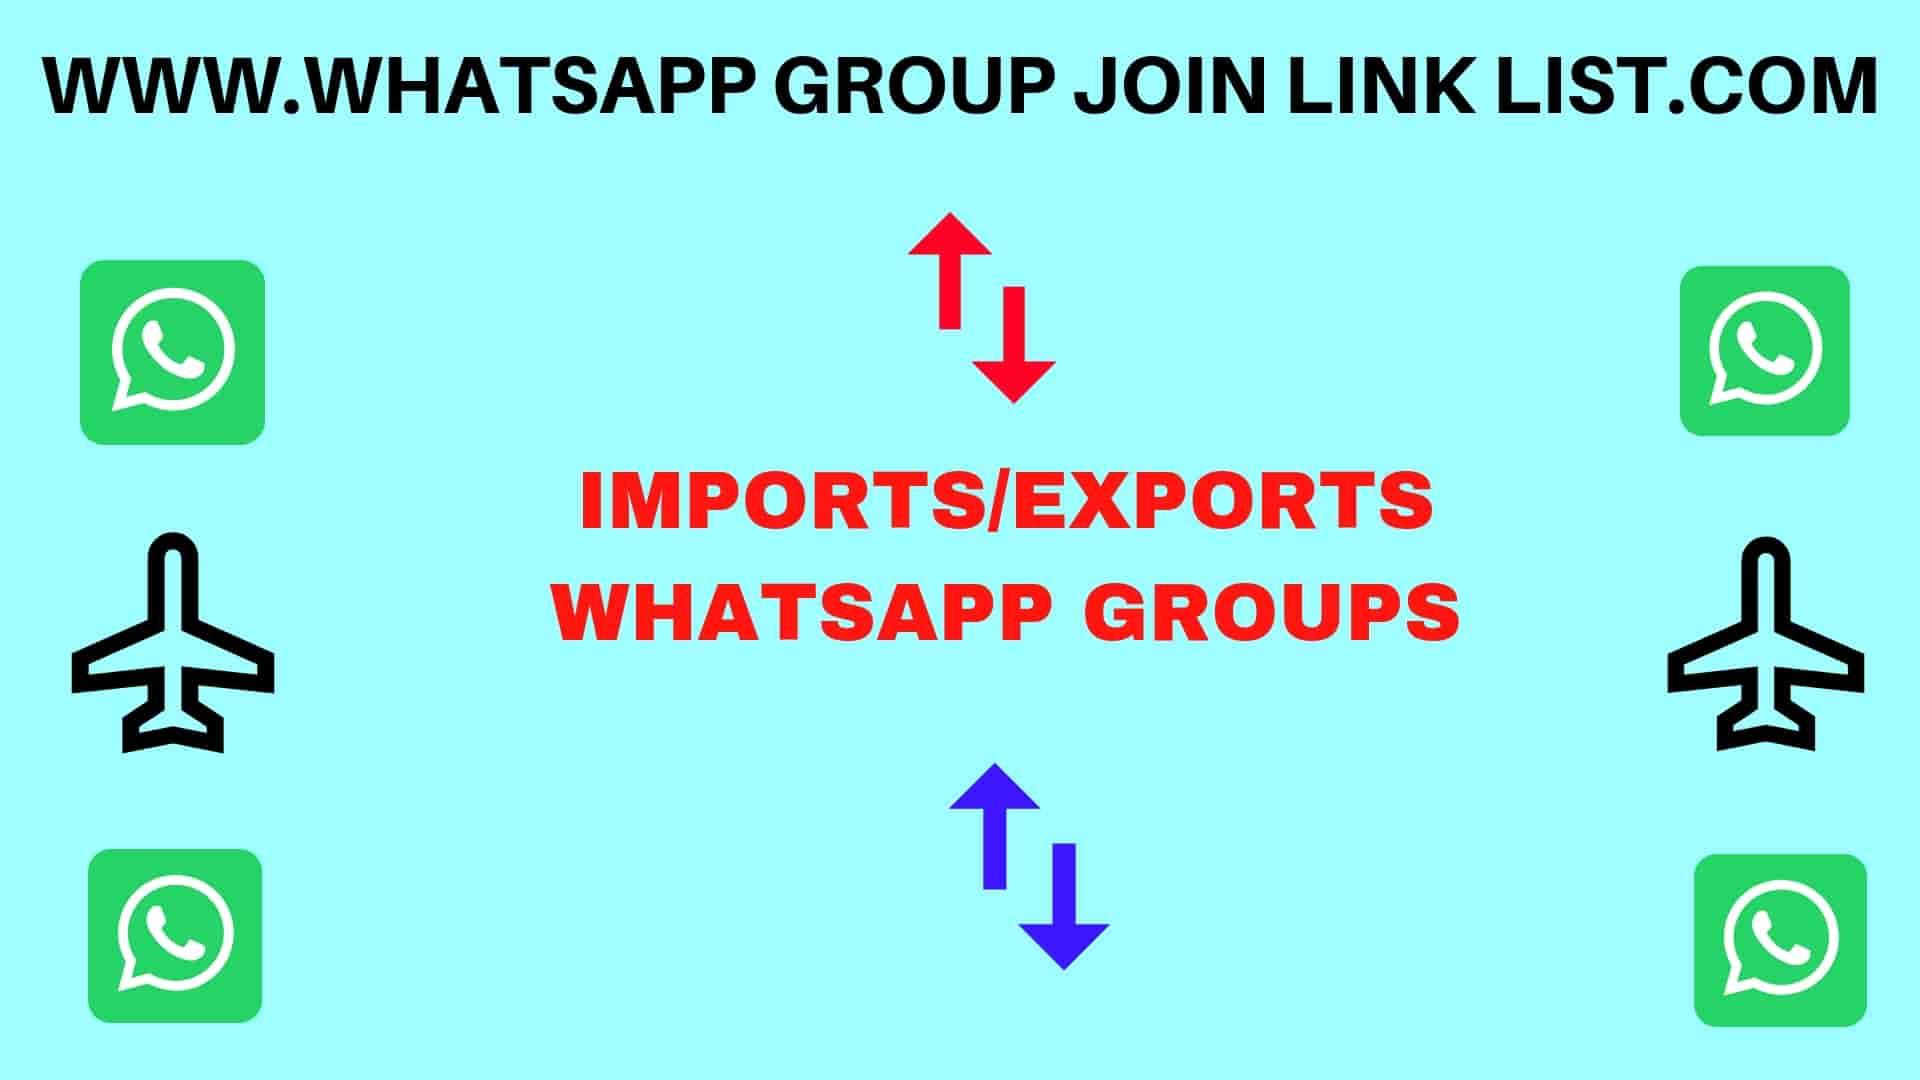 3819362781?profile=original